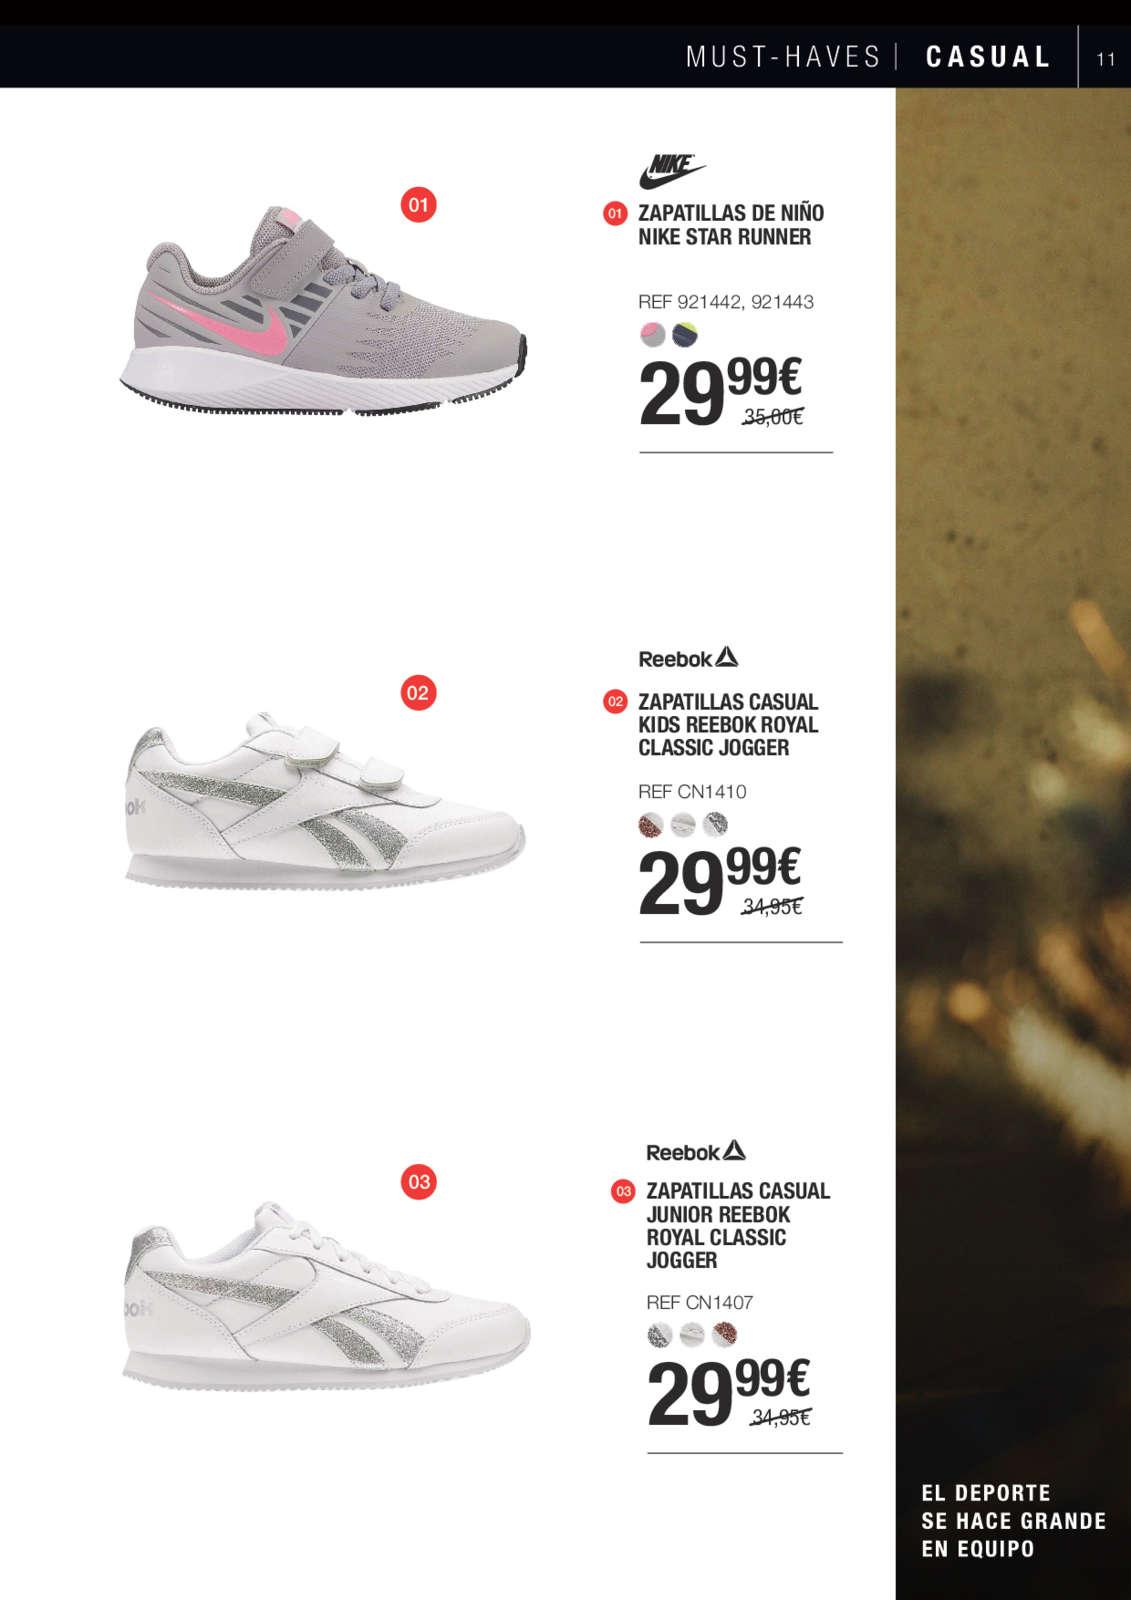 Comprar Barato Vic Adidas Zapatillas En Ofertia rwqIrCExa